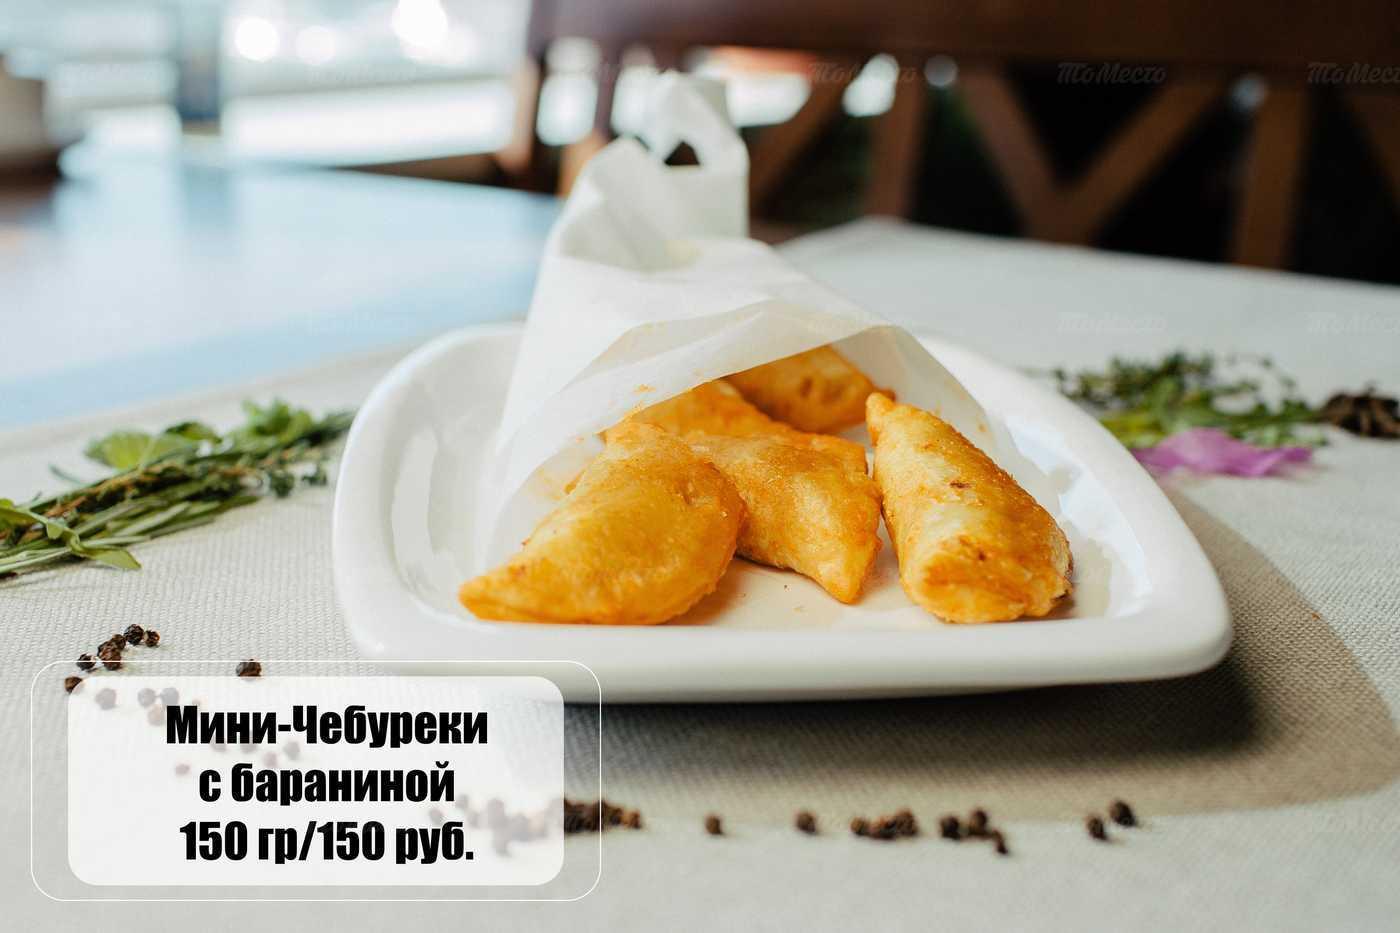 Меню кафе, ресторана Соленый & Зефир на улице Лермонтова